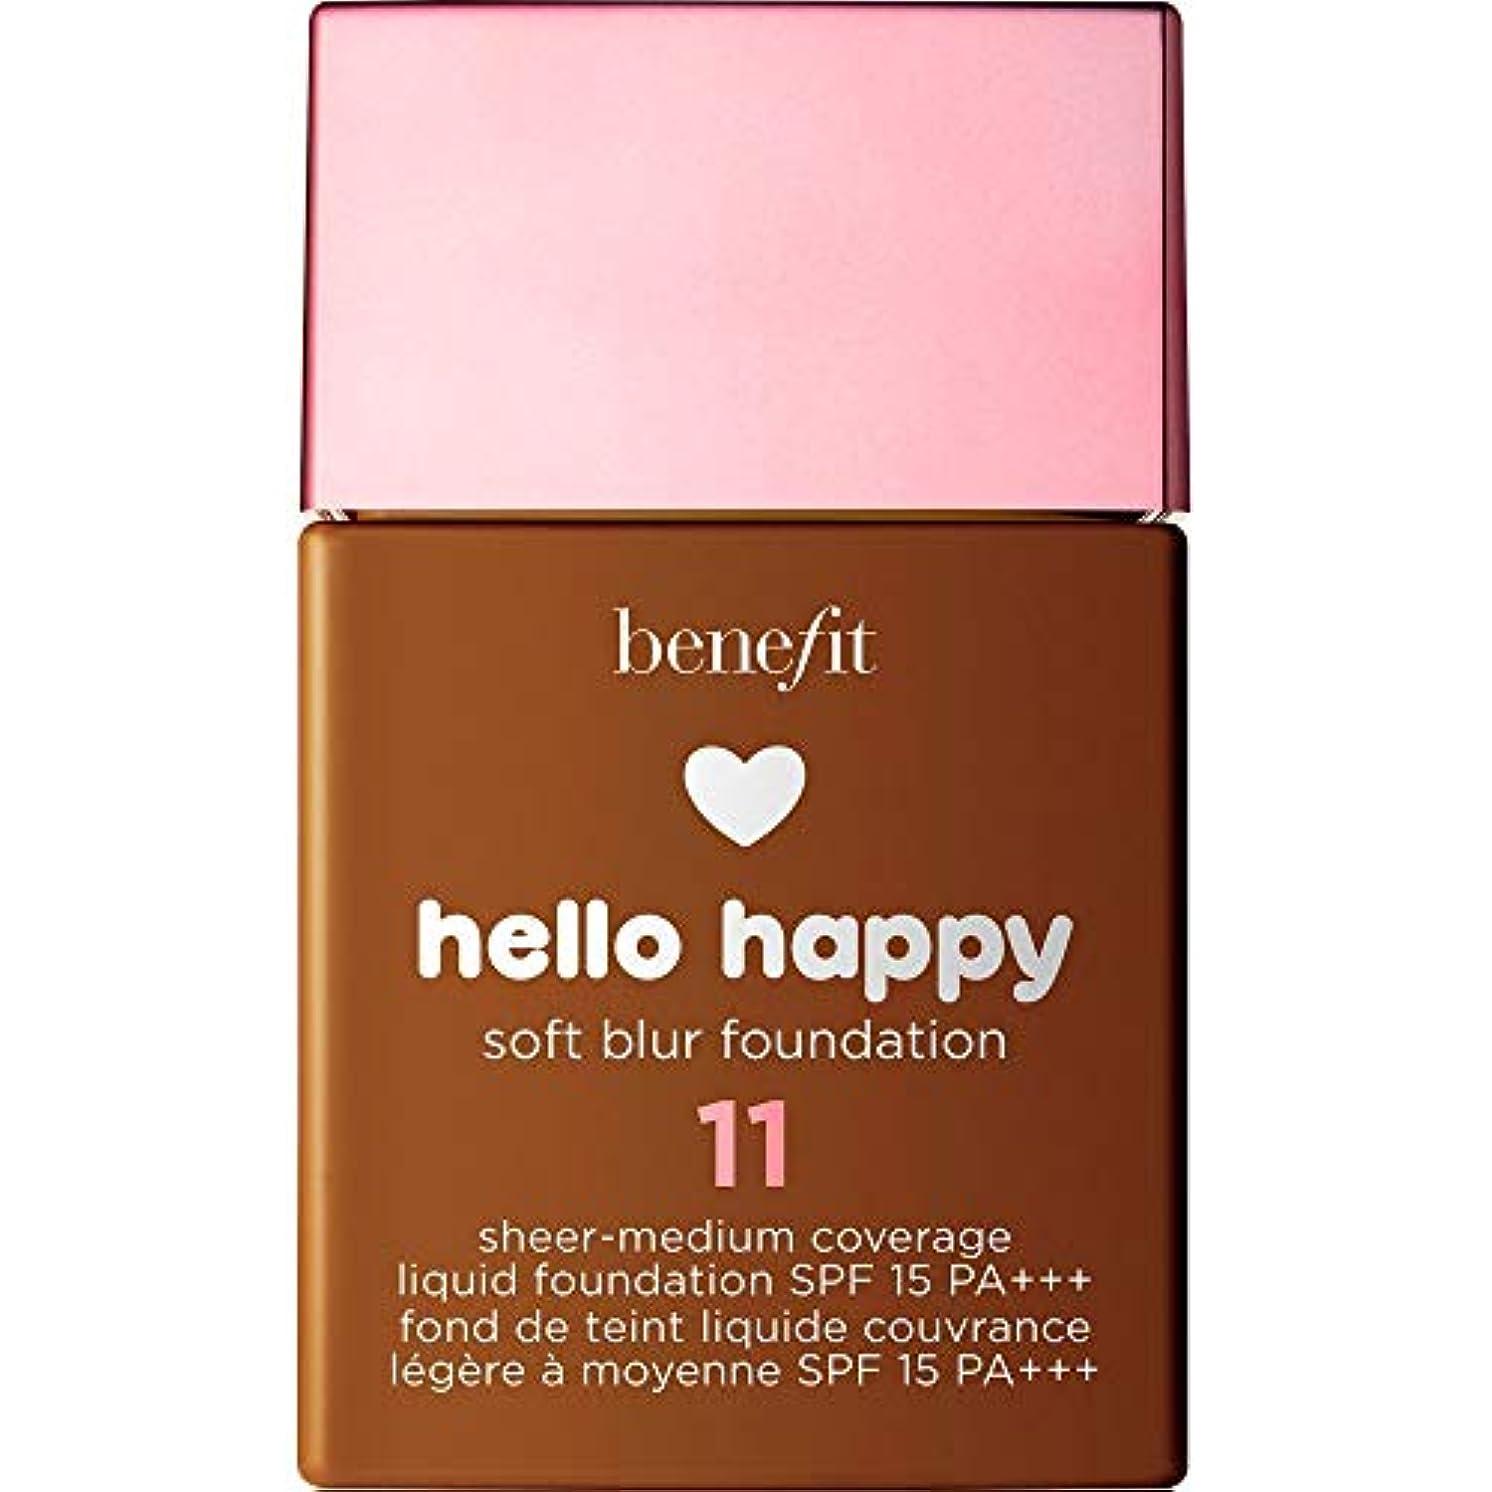 [Benefit ] 利点は、ハロー幸せソフトブラー基礎Spf15 30ミリリットル11 - ダークニュートラル - Benefit Hello Happy Soft Blur Foundation SPF15 30ml...